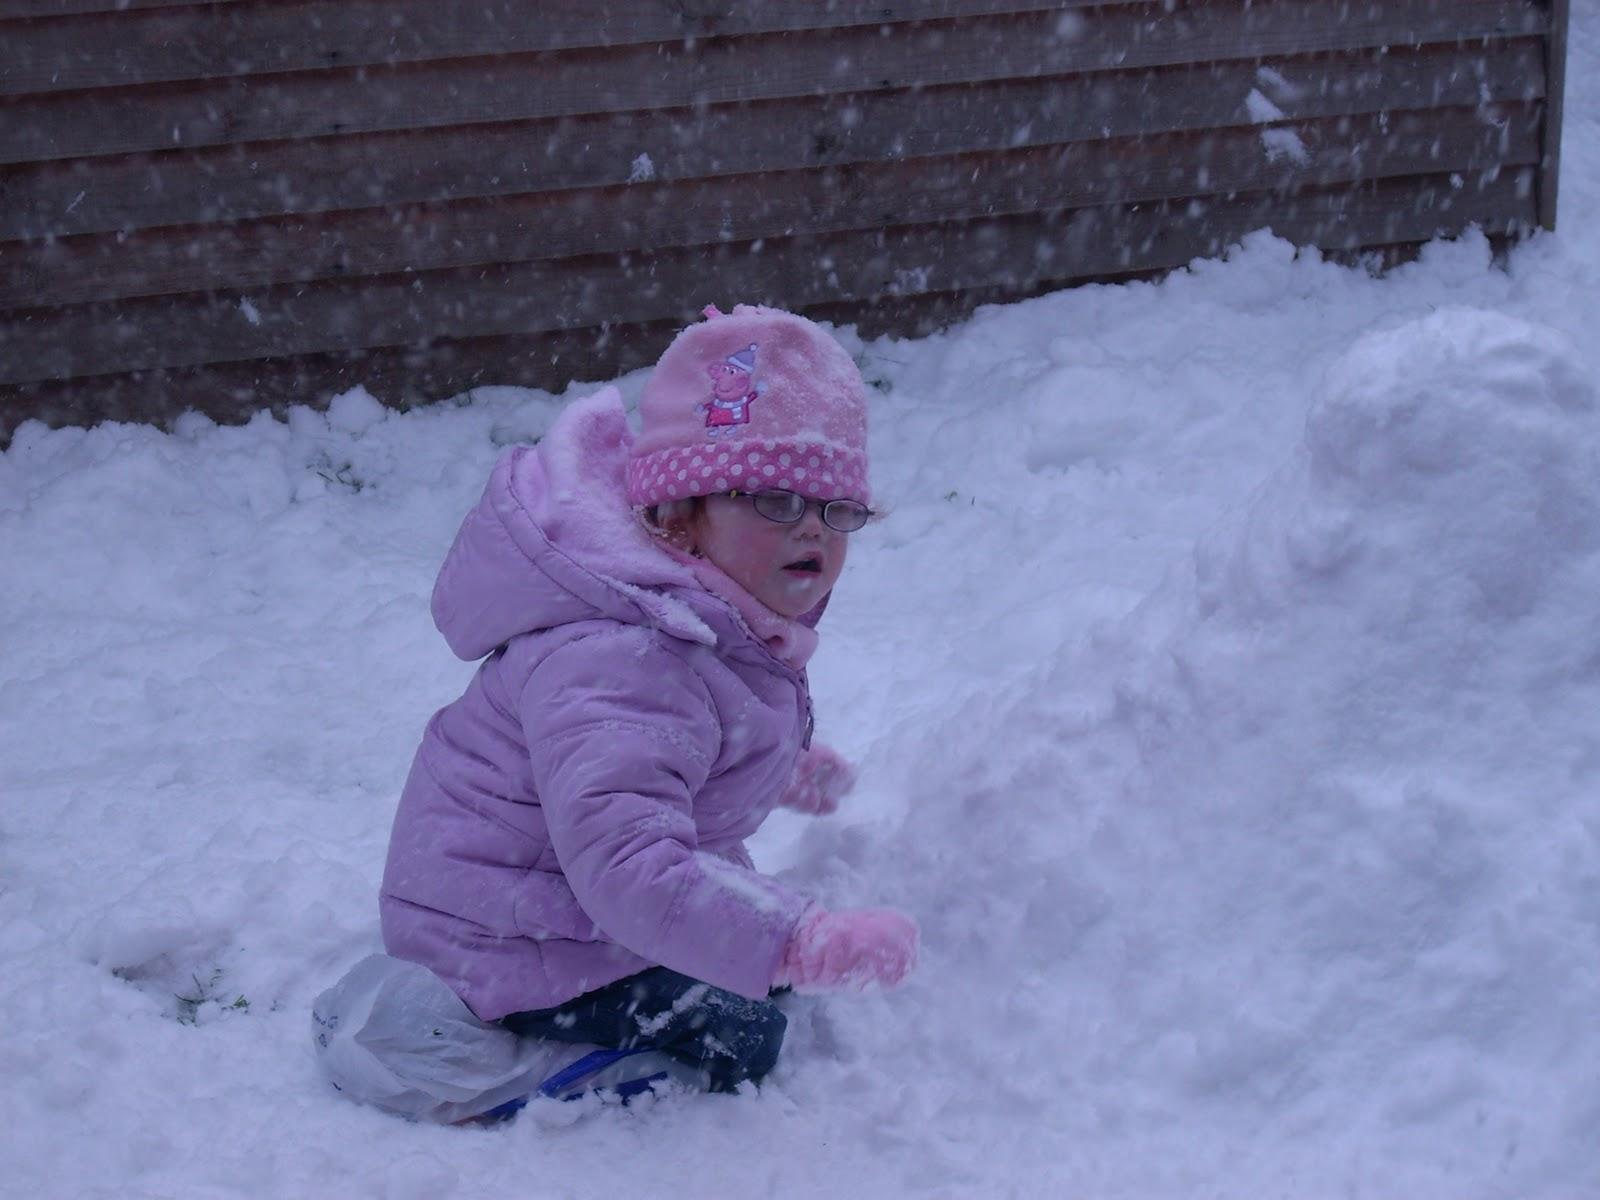 http://2.bp.blogspot.com/_IIkifevZRWo/TPgPjjF2wZI/AAAAAAAAAEU/r0D6j9FeOgw/s1600/Erin+in+the+snow+2-12-10.jpg